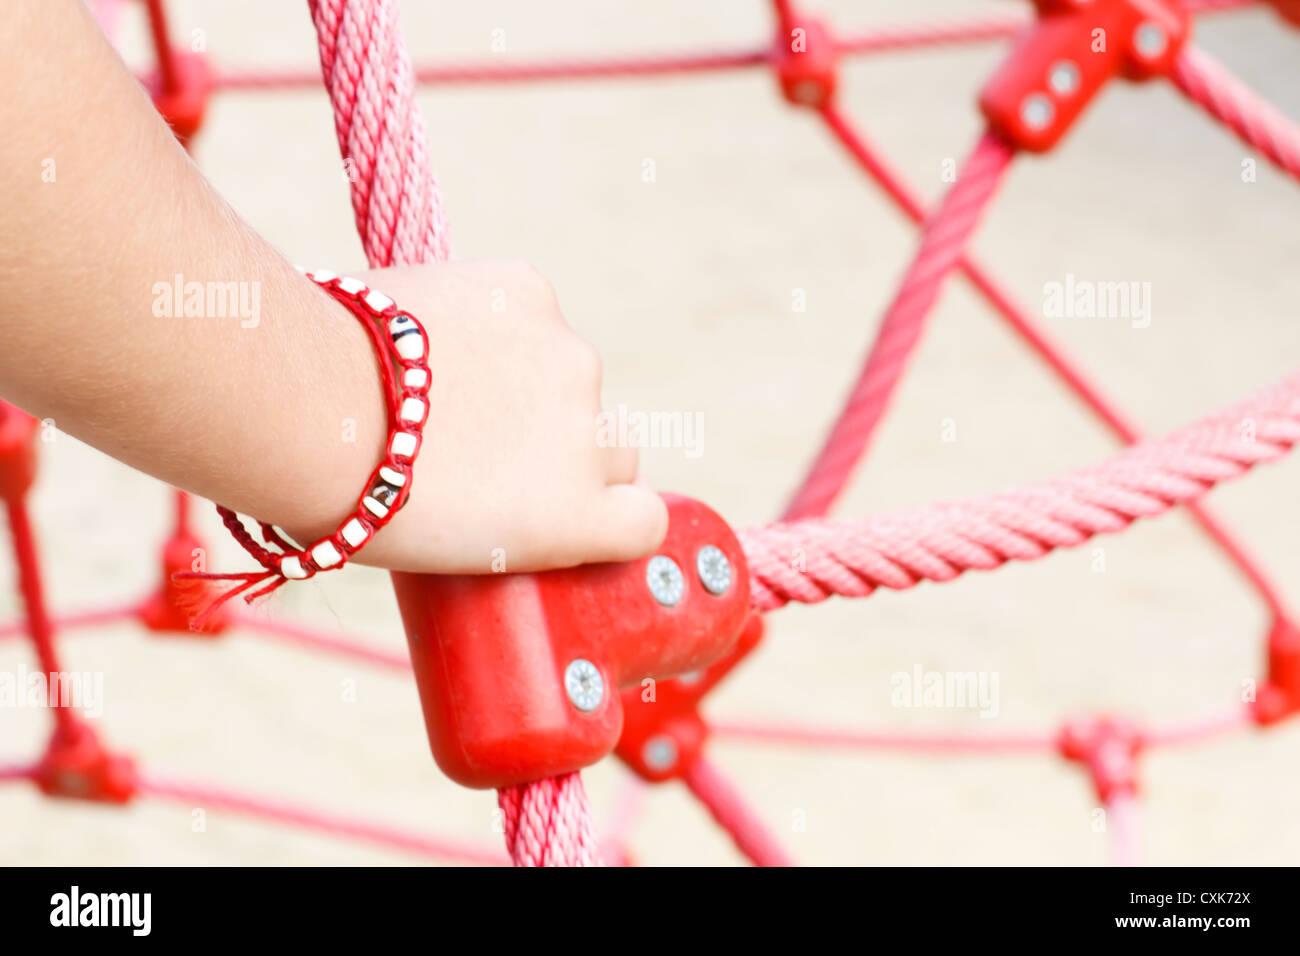 Chico's (6-7) mano sujetando la cuerda roja, Francia. Imagen De Stock